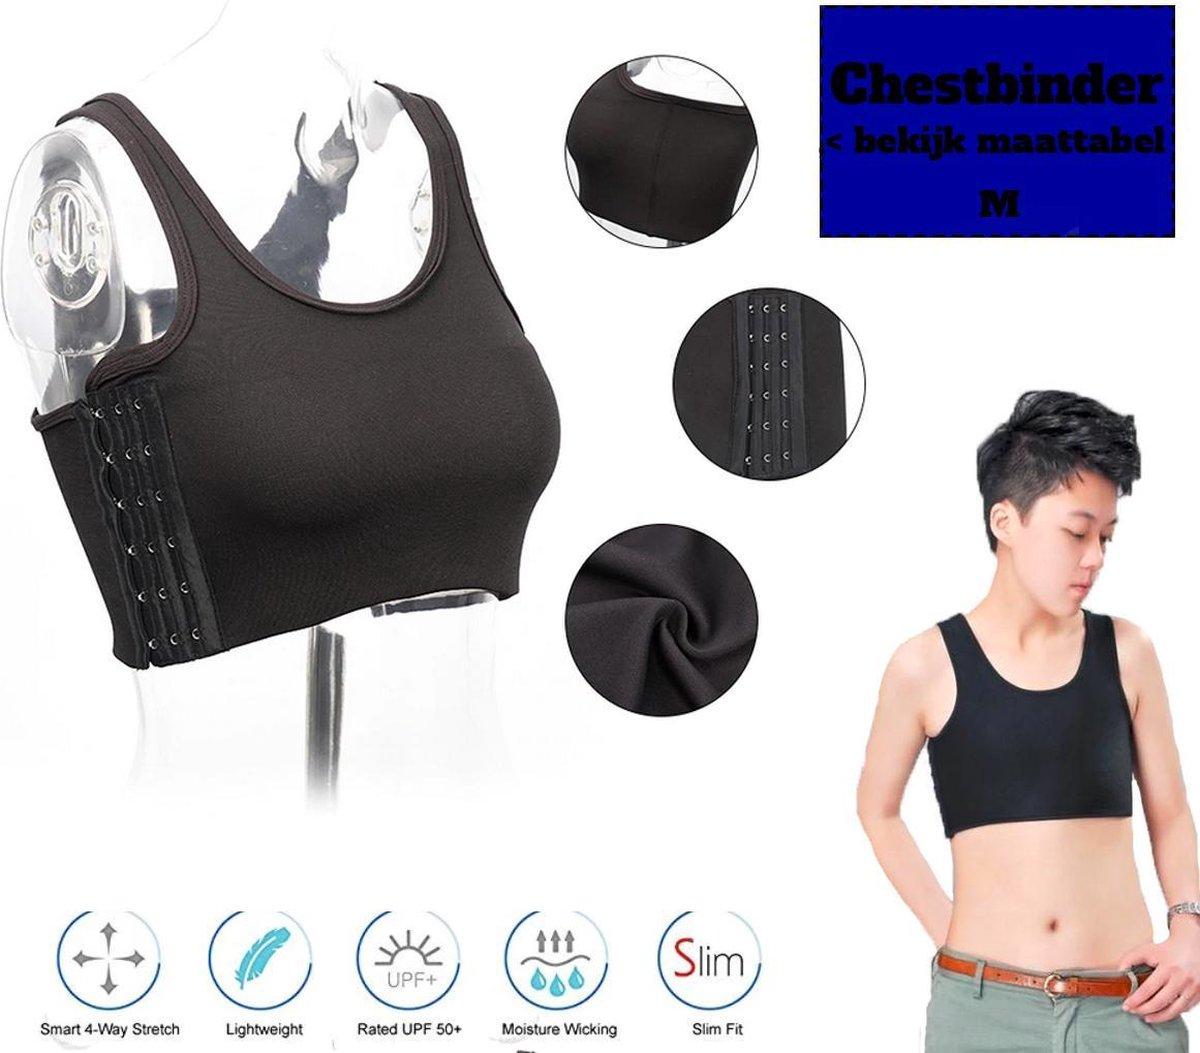 Transgender Ondergoed - Zwart - Maat M - Trans Binder - Breast Binder - Genderdysforie - Chestbinder